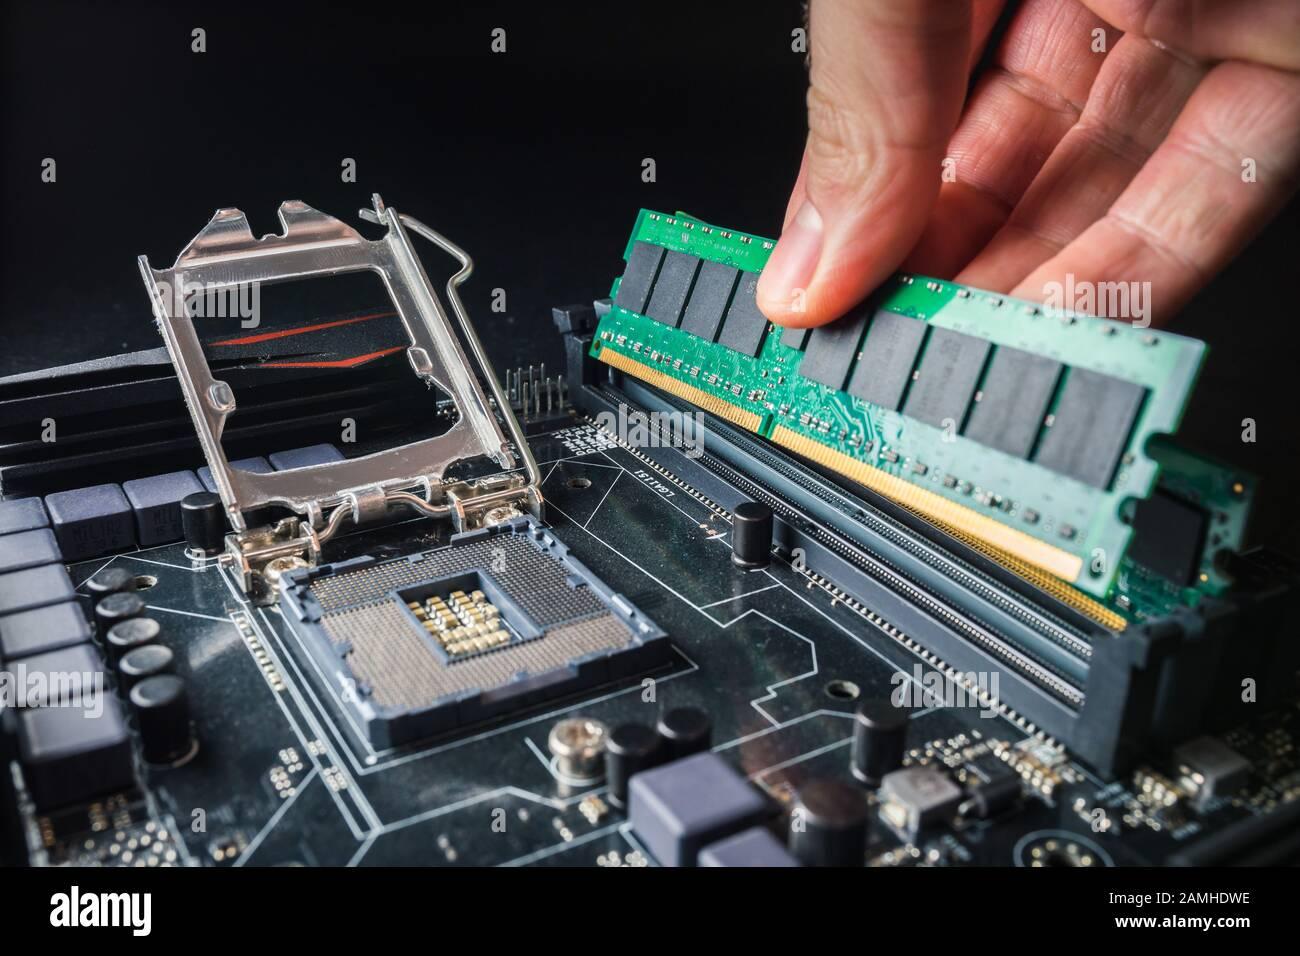 Installation d'une nouvelle mémoire RAM DDR pour un support de processeur d'ordinateur personnel dans un service. Réparation de mise à niveau. Concept de mise à niveau ou de réparation de PC. Banque D'Images